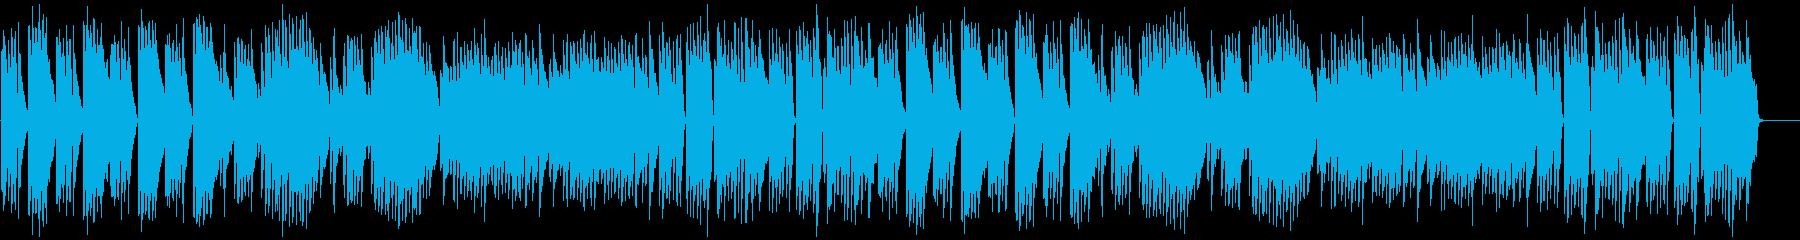 調理シーンで超有名なクラシック曲の再生済みの波形